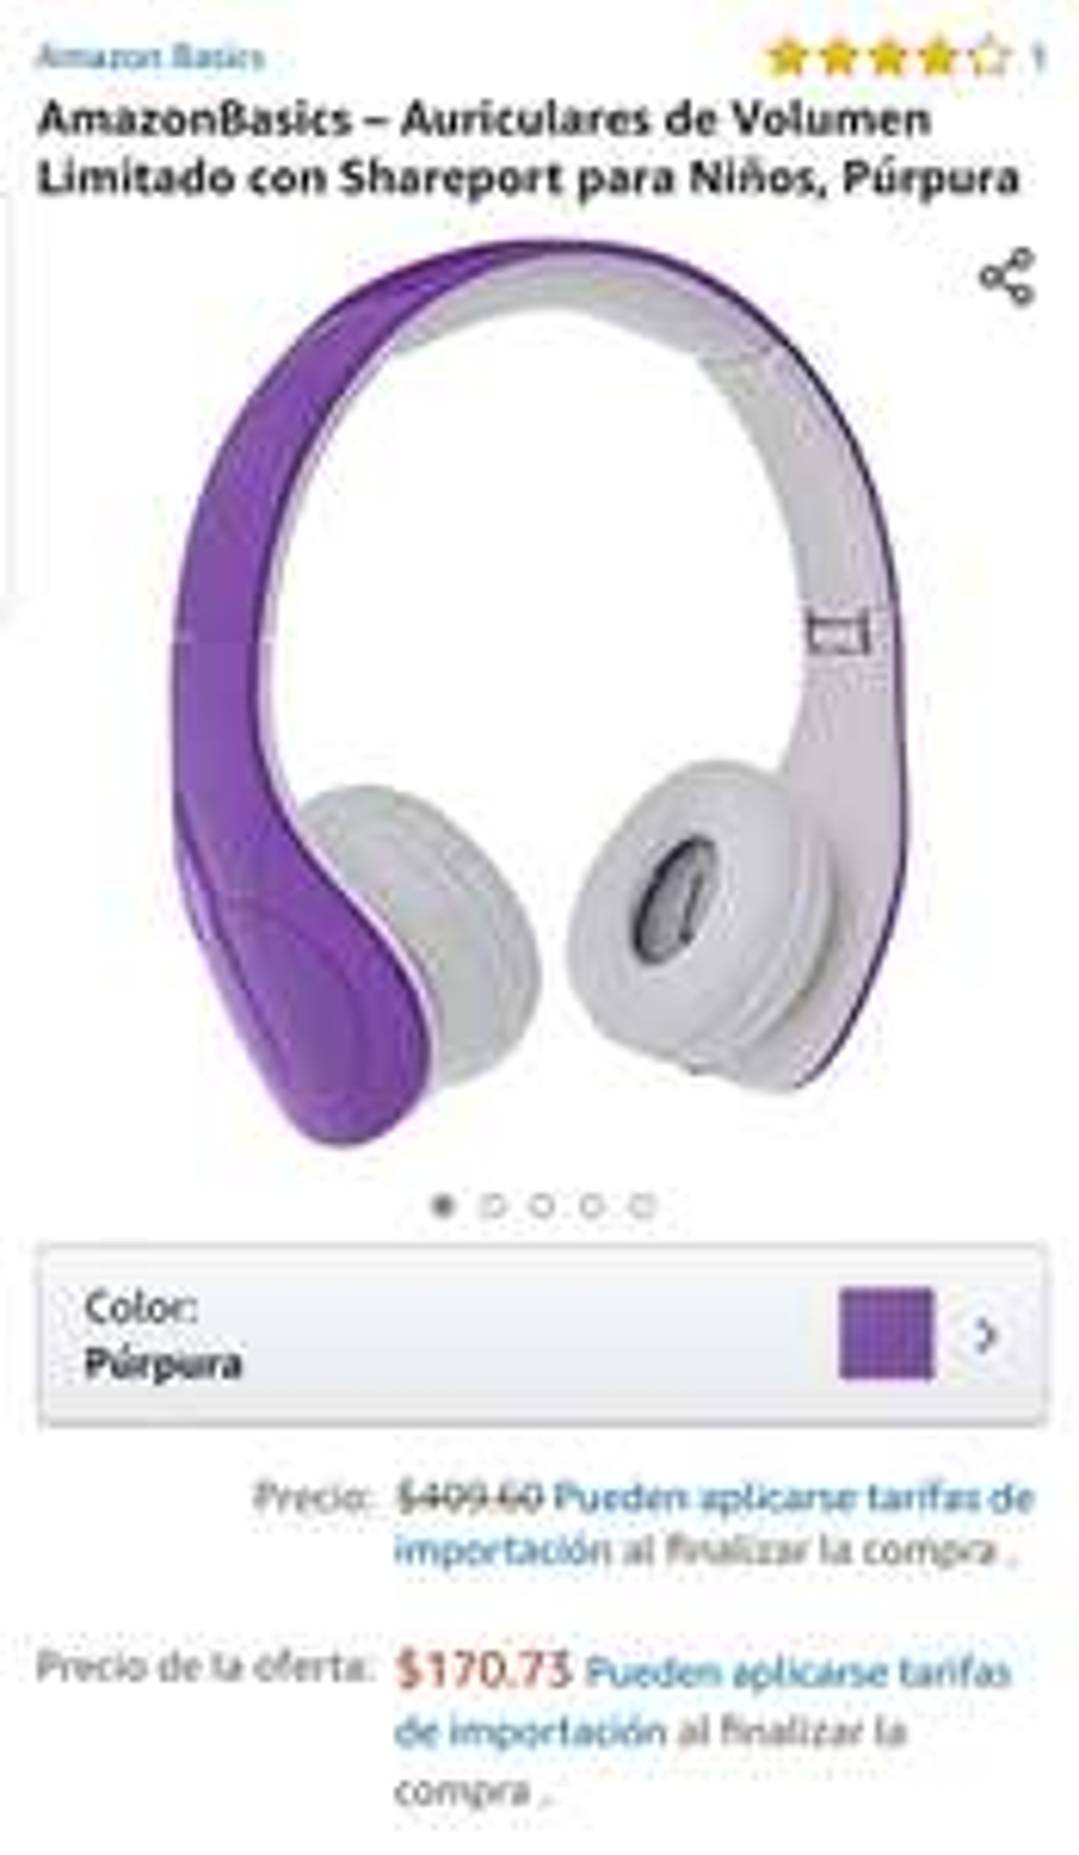 Amazon: Auriculares de Volumen Limitado con shareport para niños